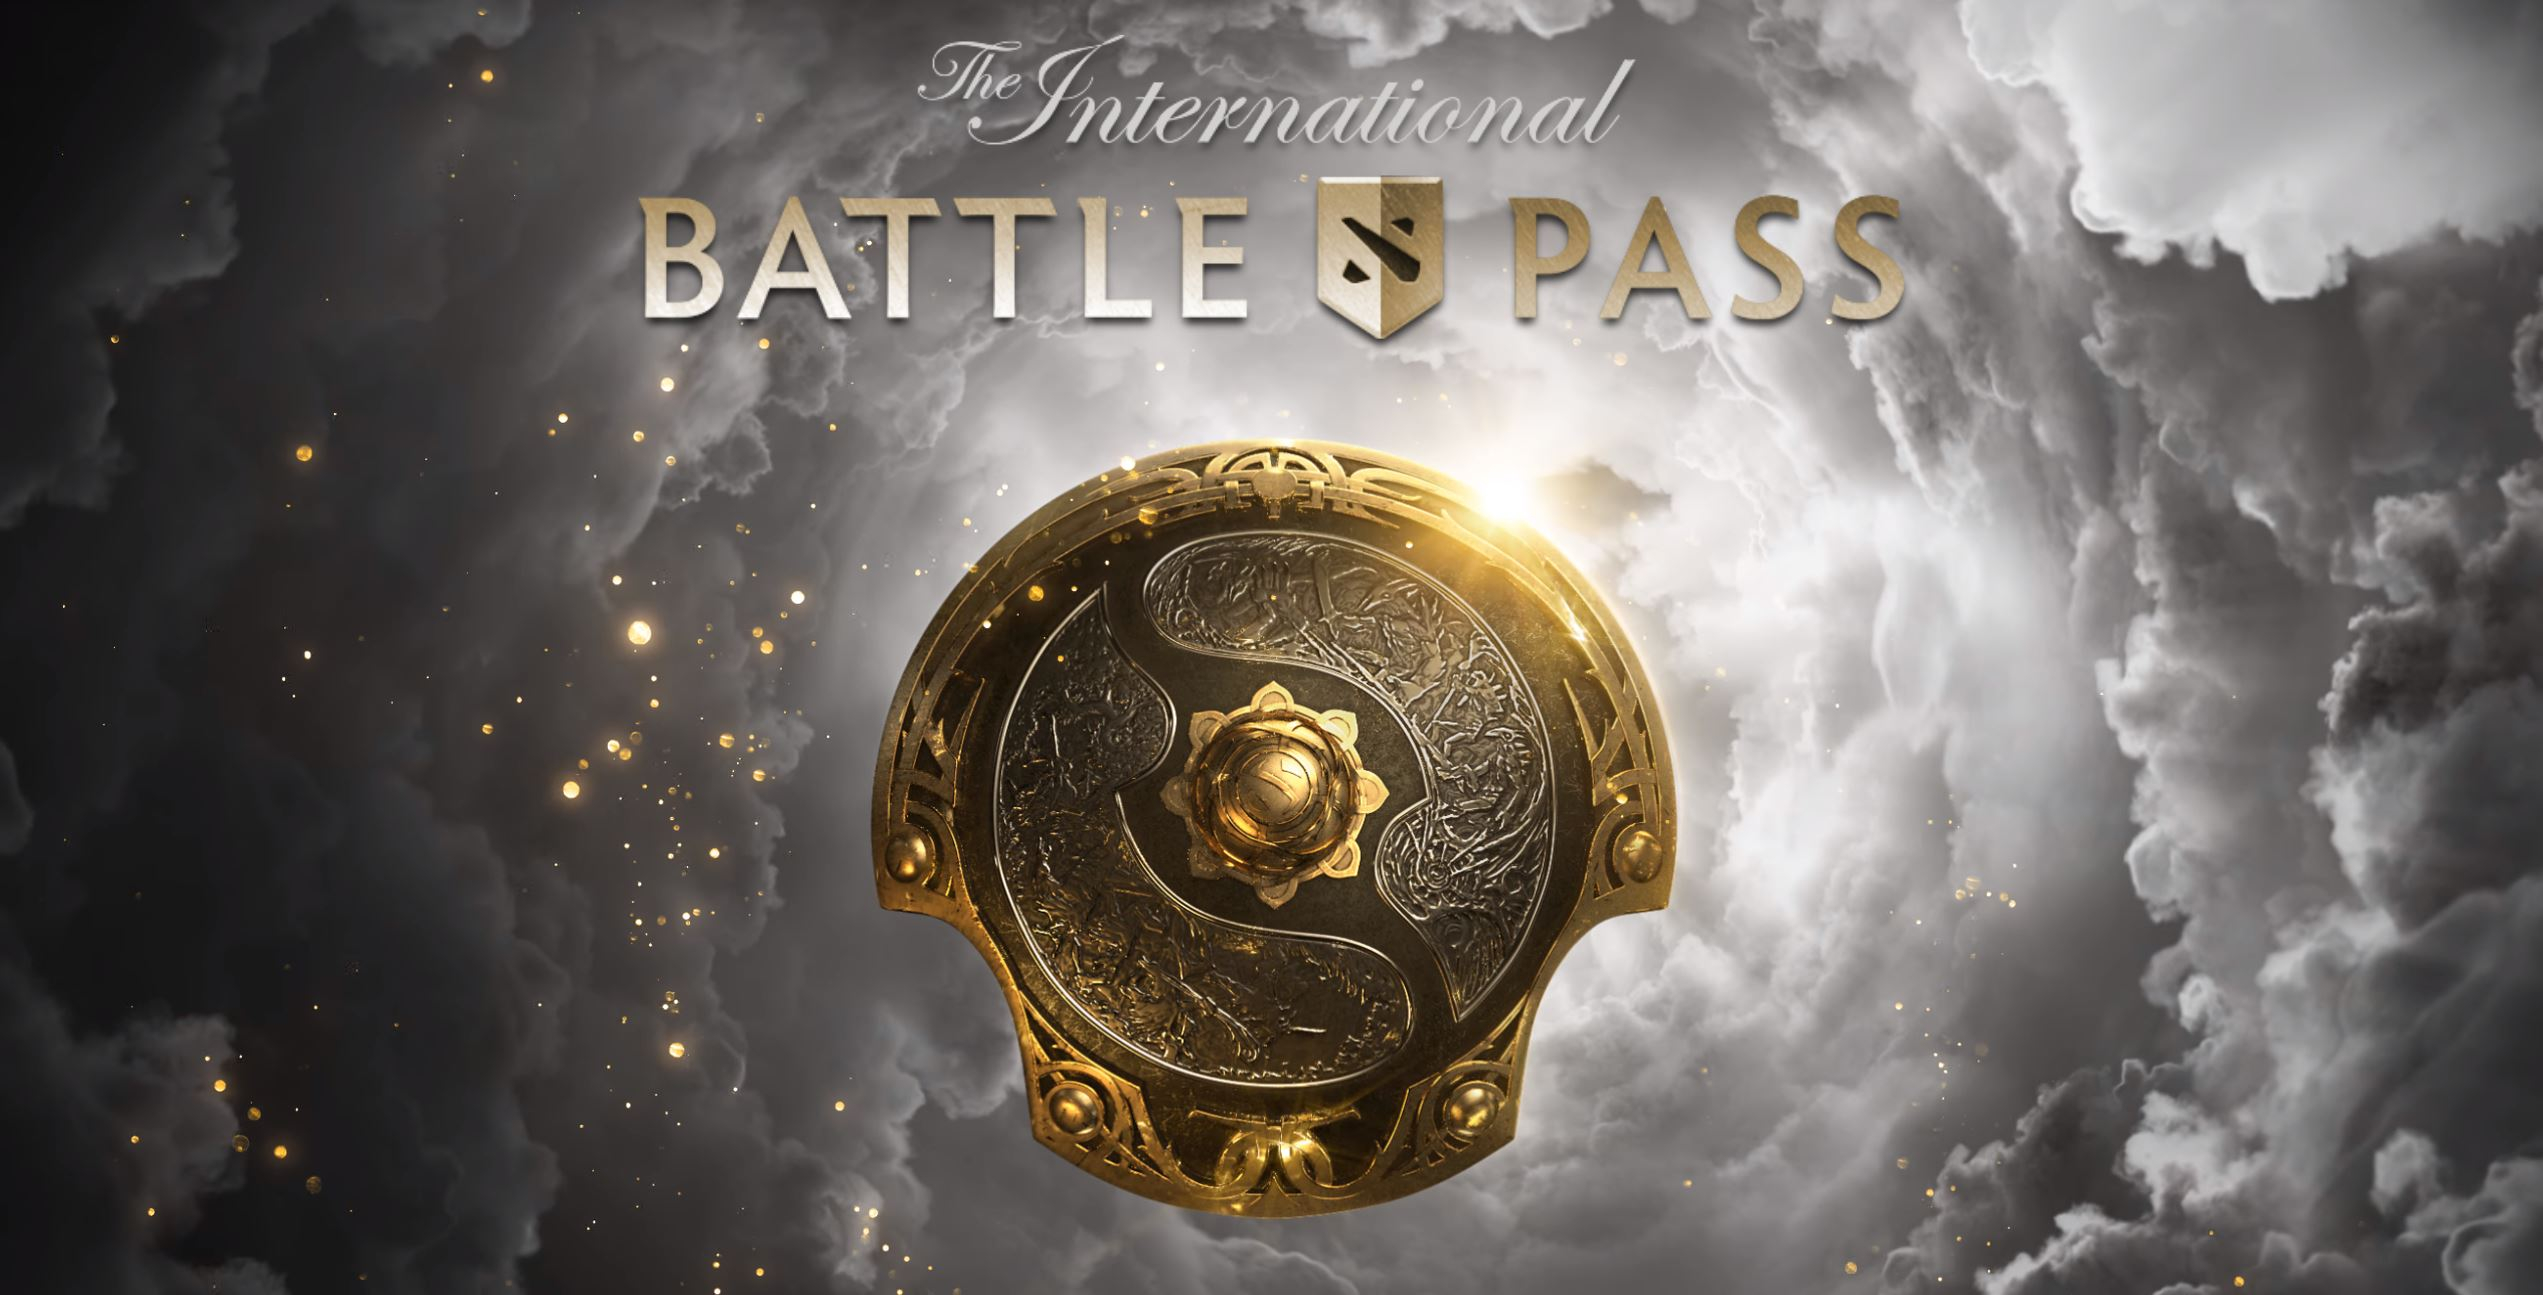 Игроки в Dota 2 раскритиковали боевой пропуск для The International 10